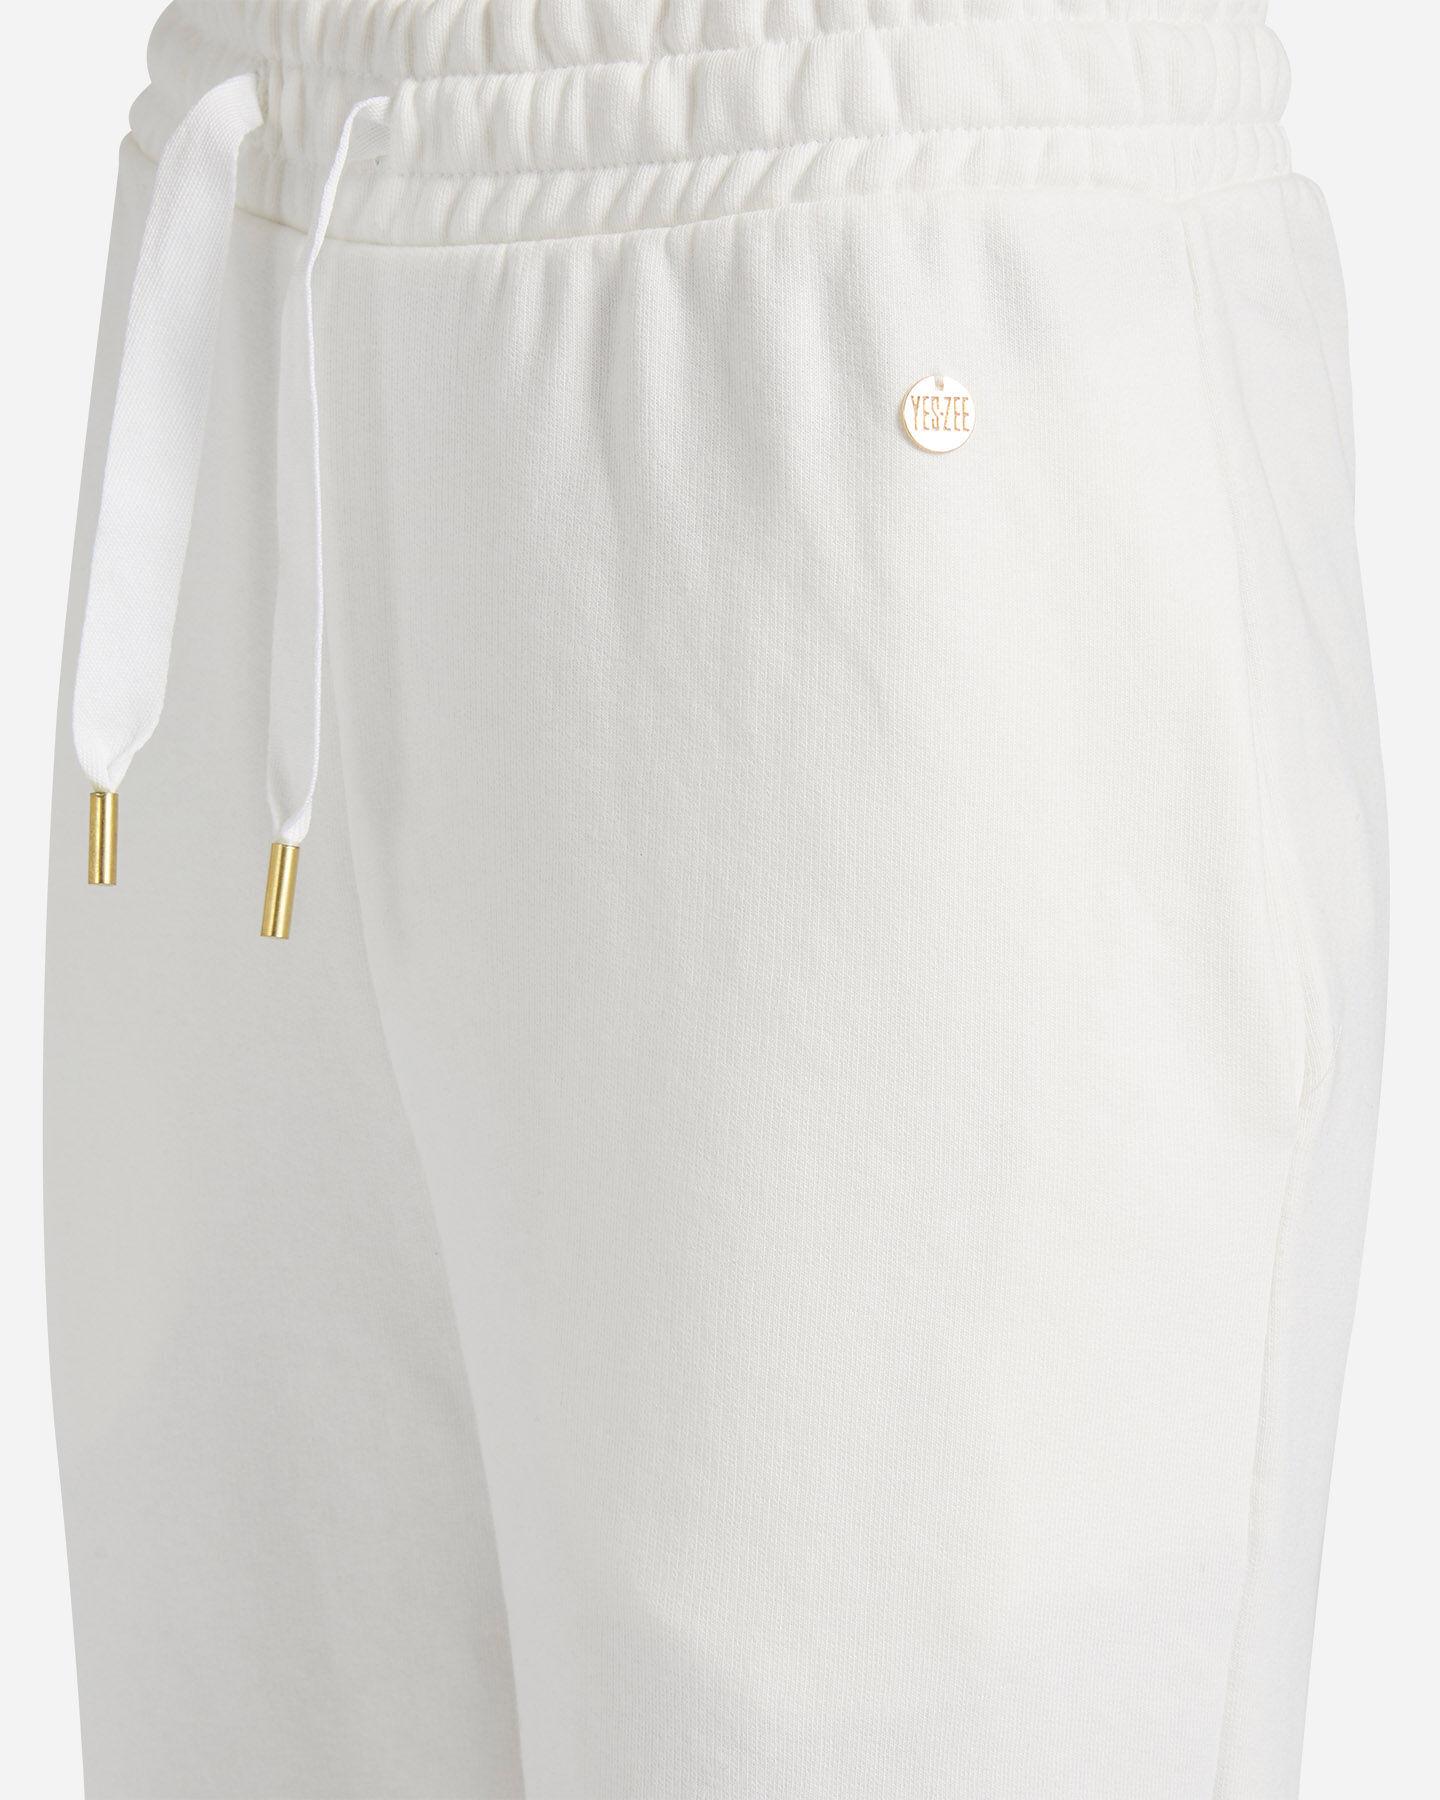 Pantalone ESSENZA CUFF W S4098346 scatto 3